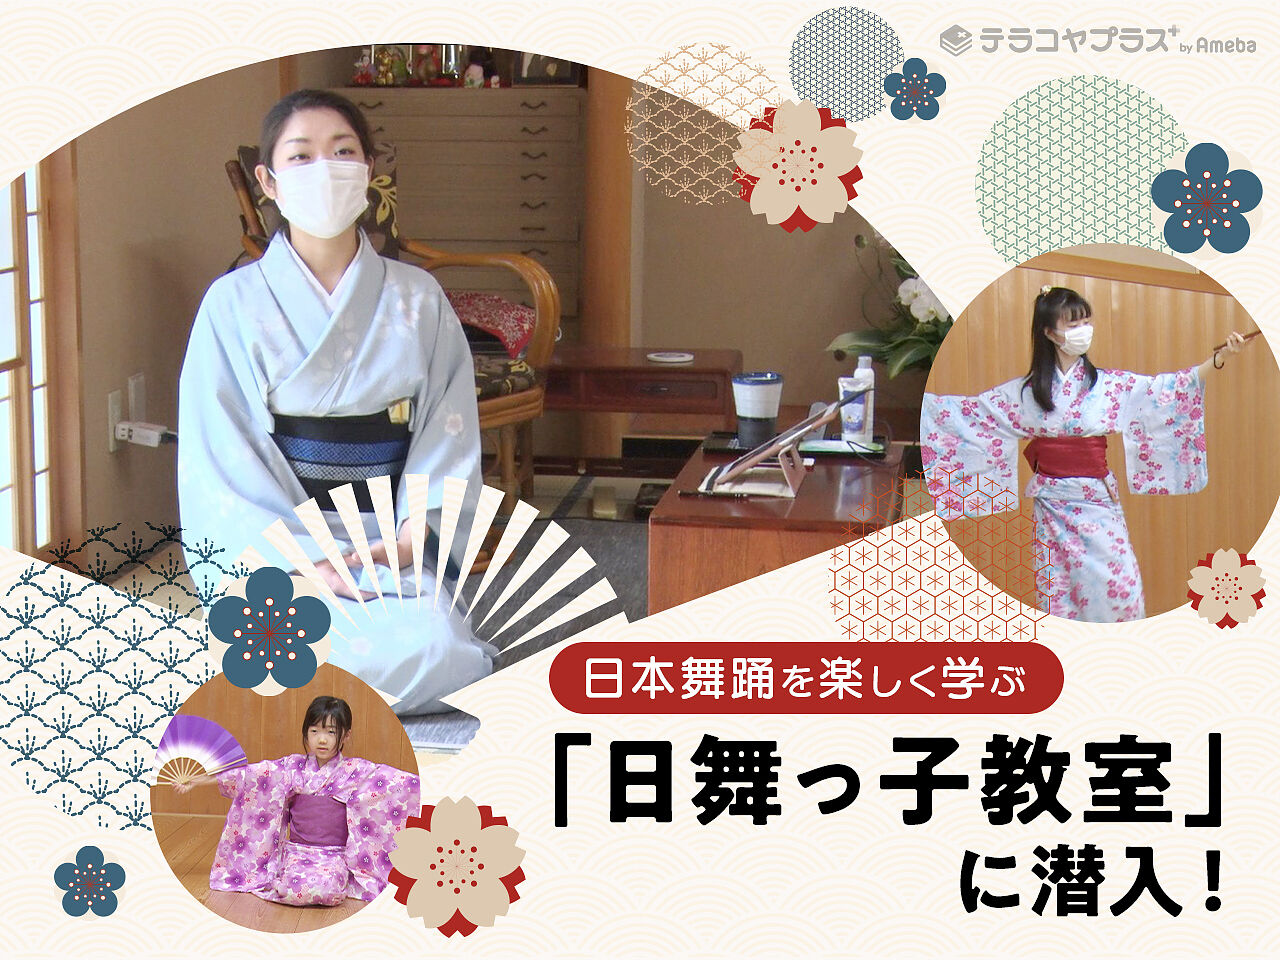 楽しく踊って日本の伝統文化を学べる「日舞っ子教室」に潜入取材!の画像